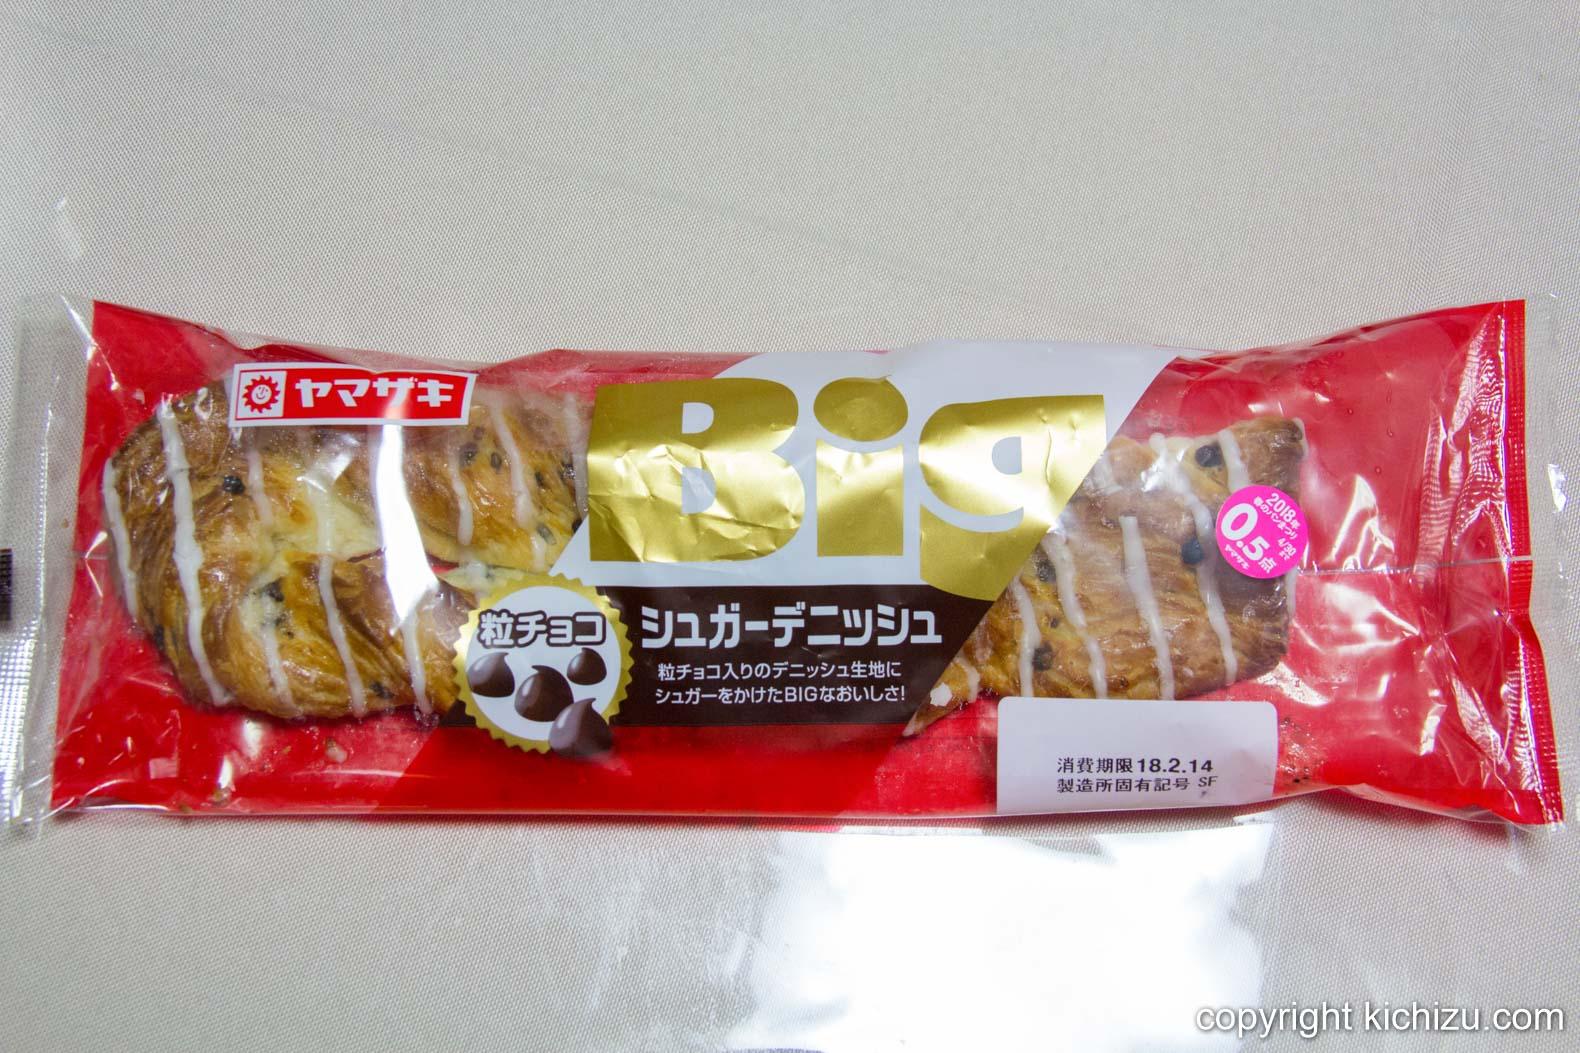 ヤマザキ Bigシュガーデニッシュ チョコ パッケージ表